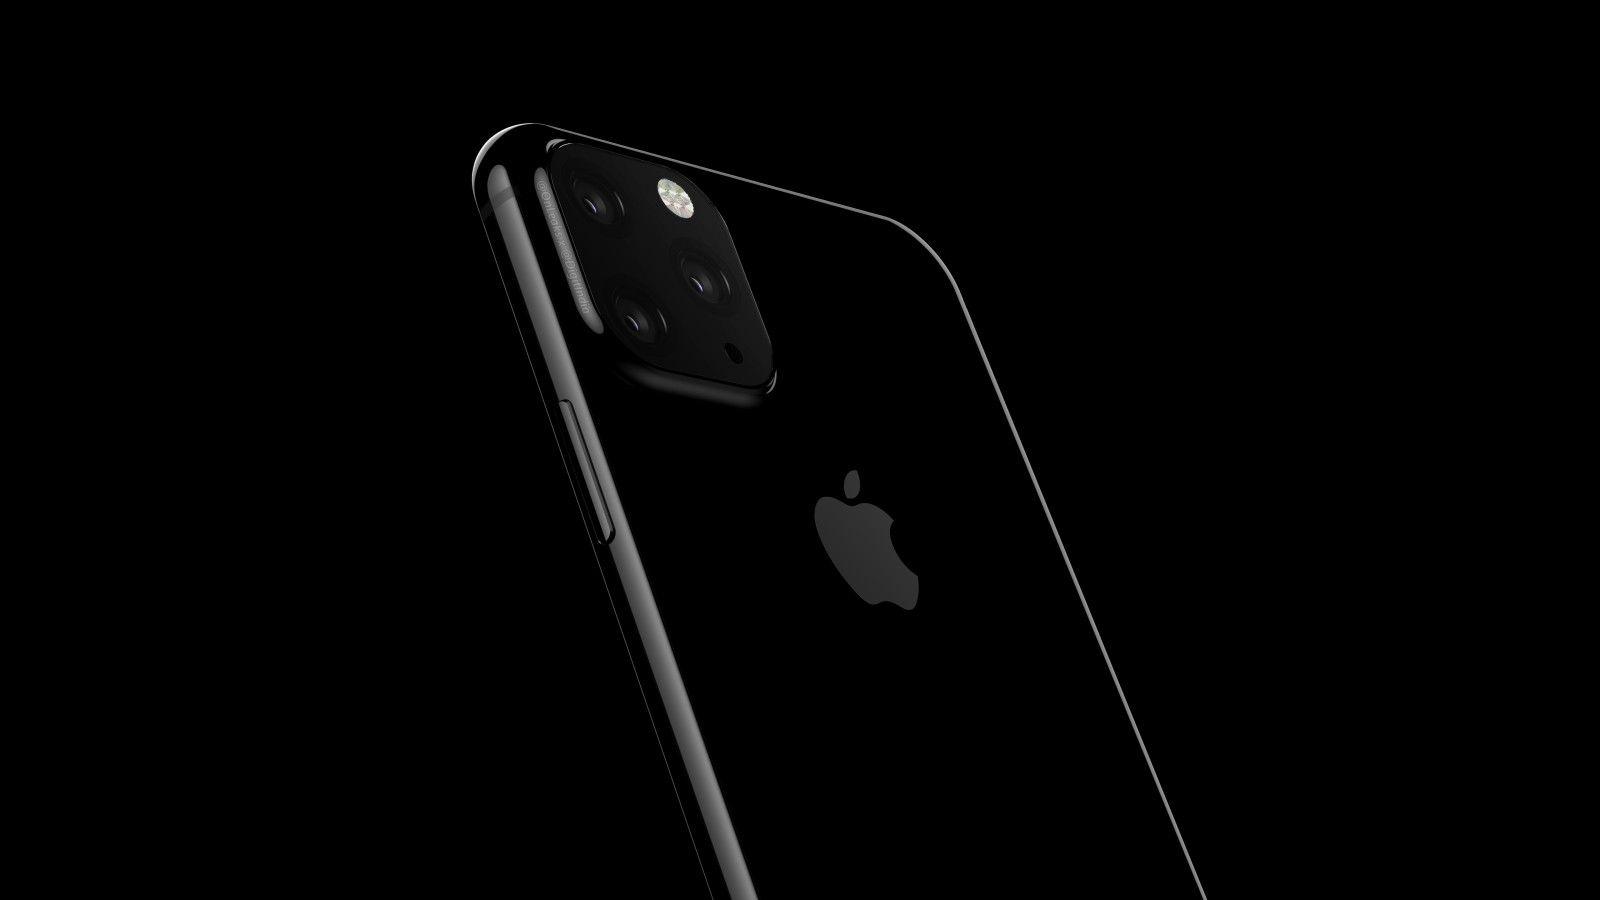 苹果将推出高端三摄 iPhone,二代 iPhone XR 升级双摄